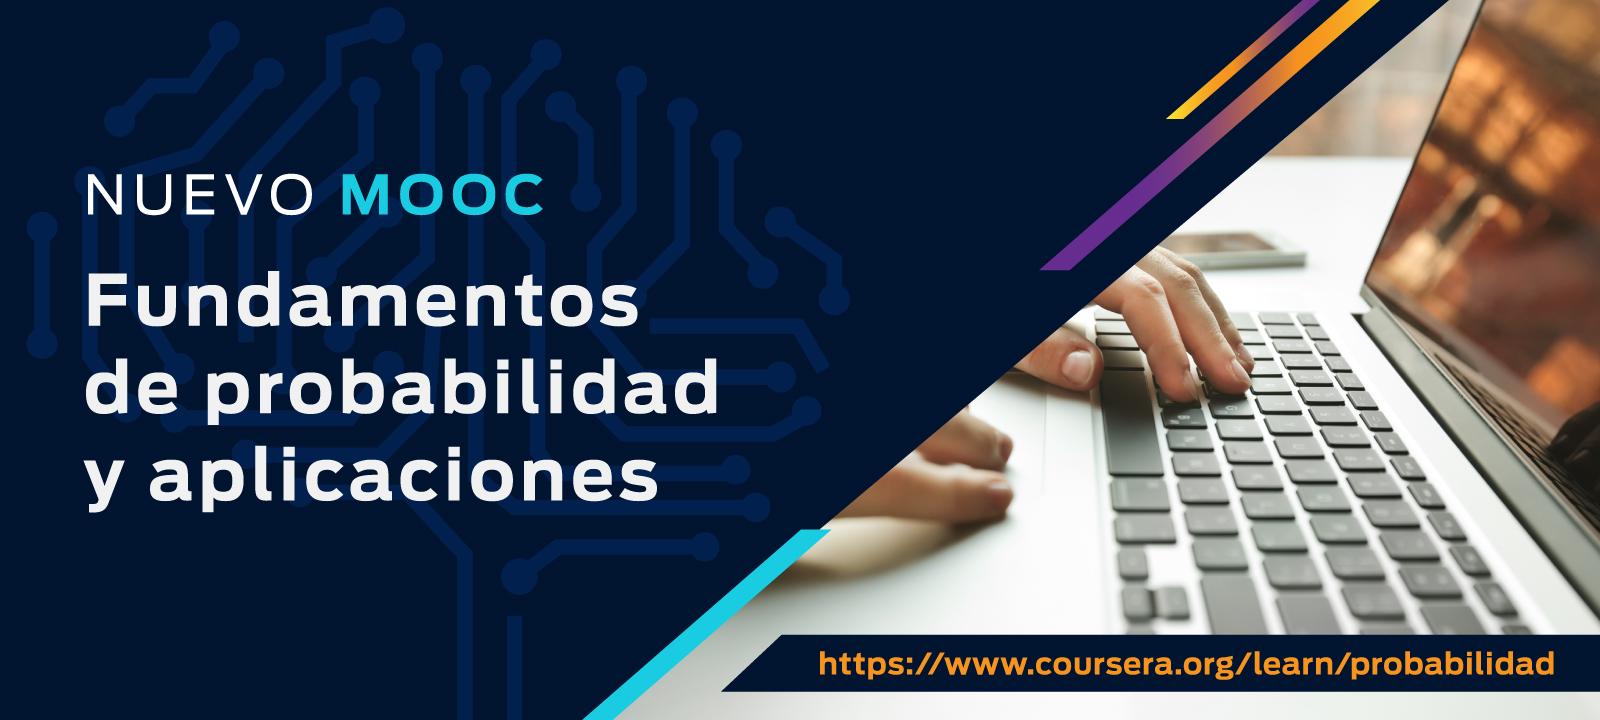 Curso abierto y en línea en Fundamentos de probabilidad y aplicaciones del Departamento de Ingeniería Industrial en Coursera